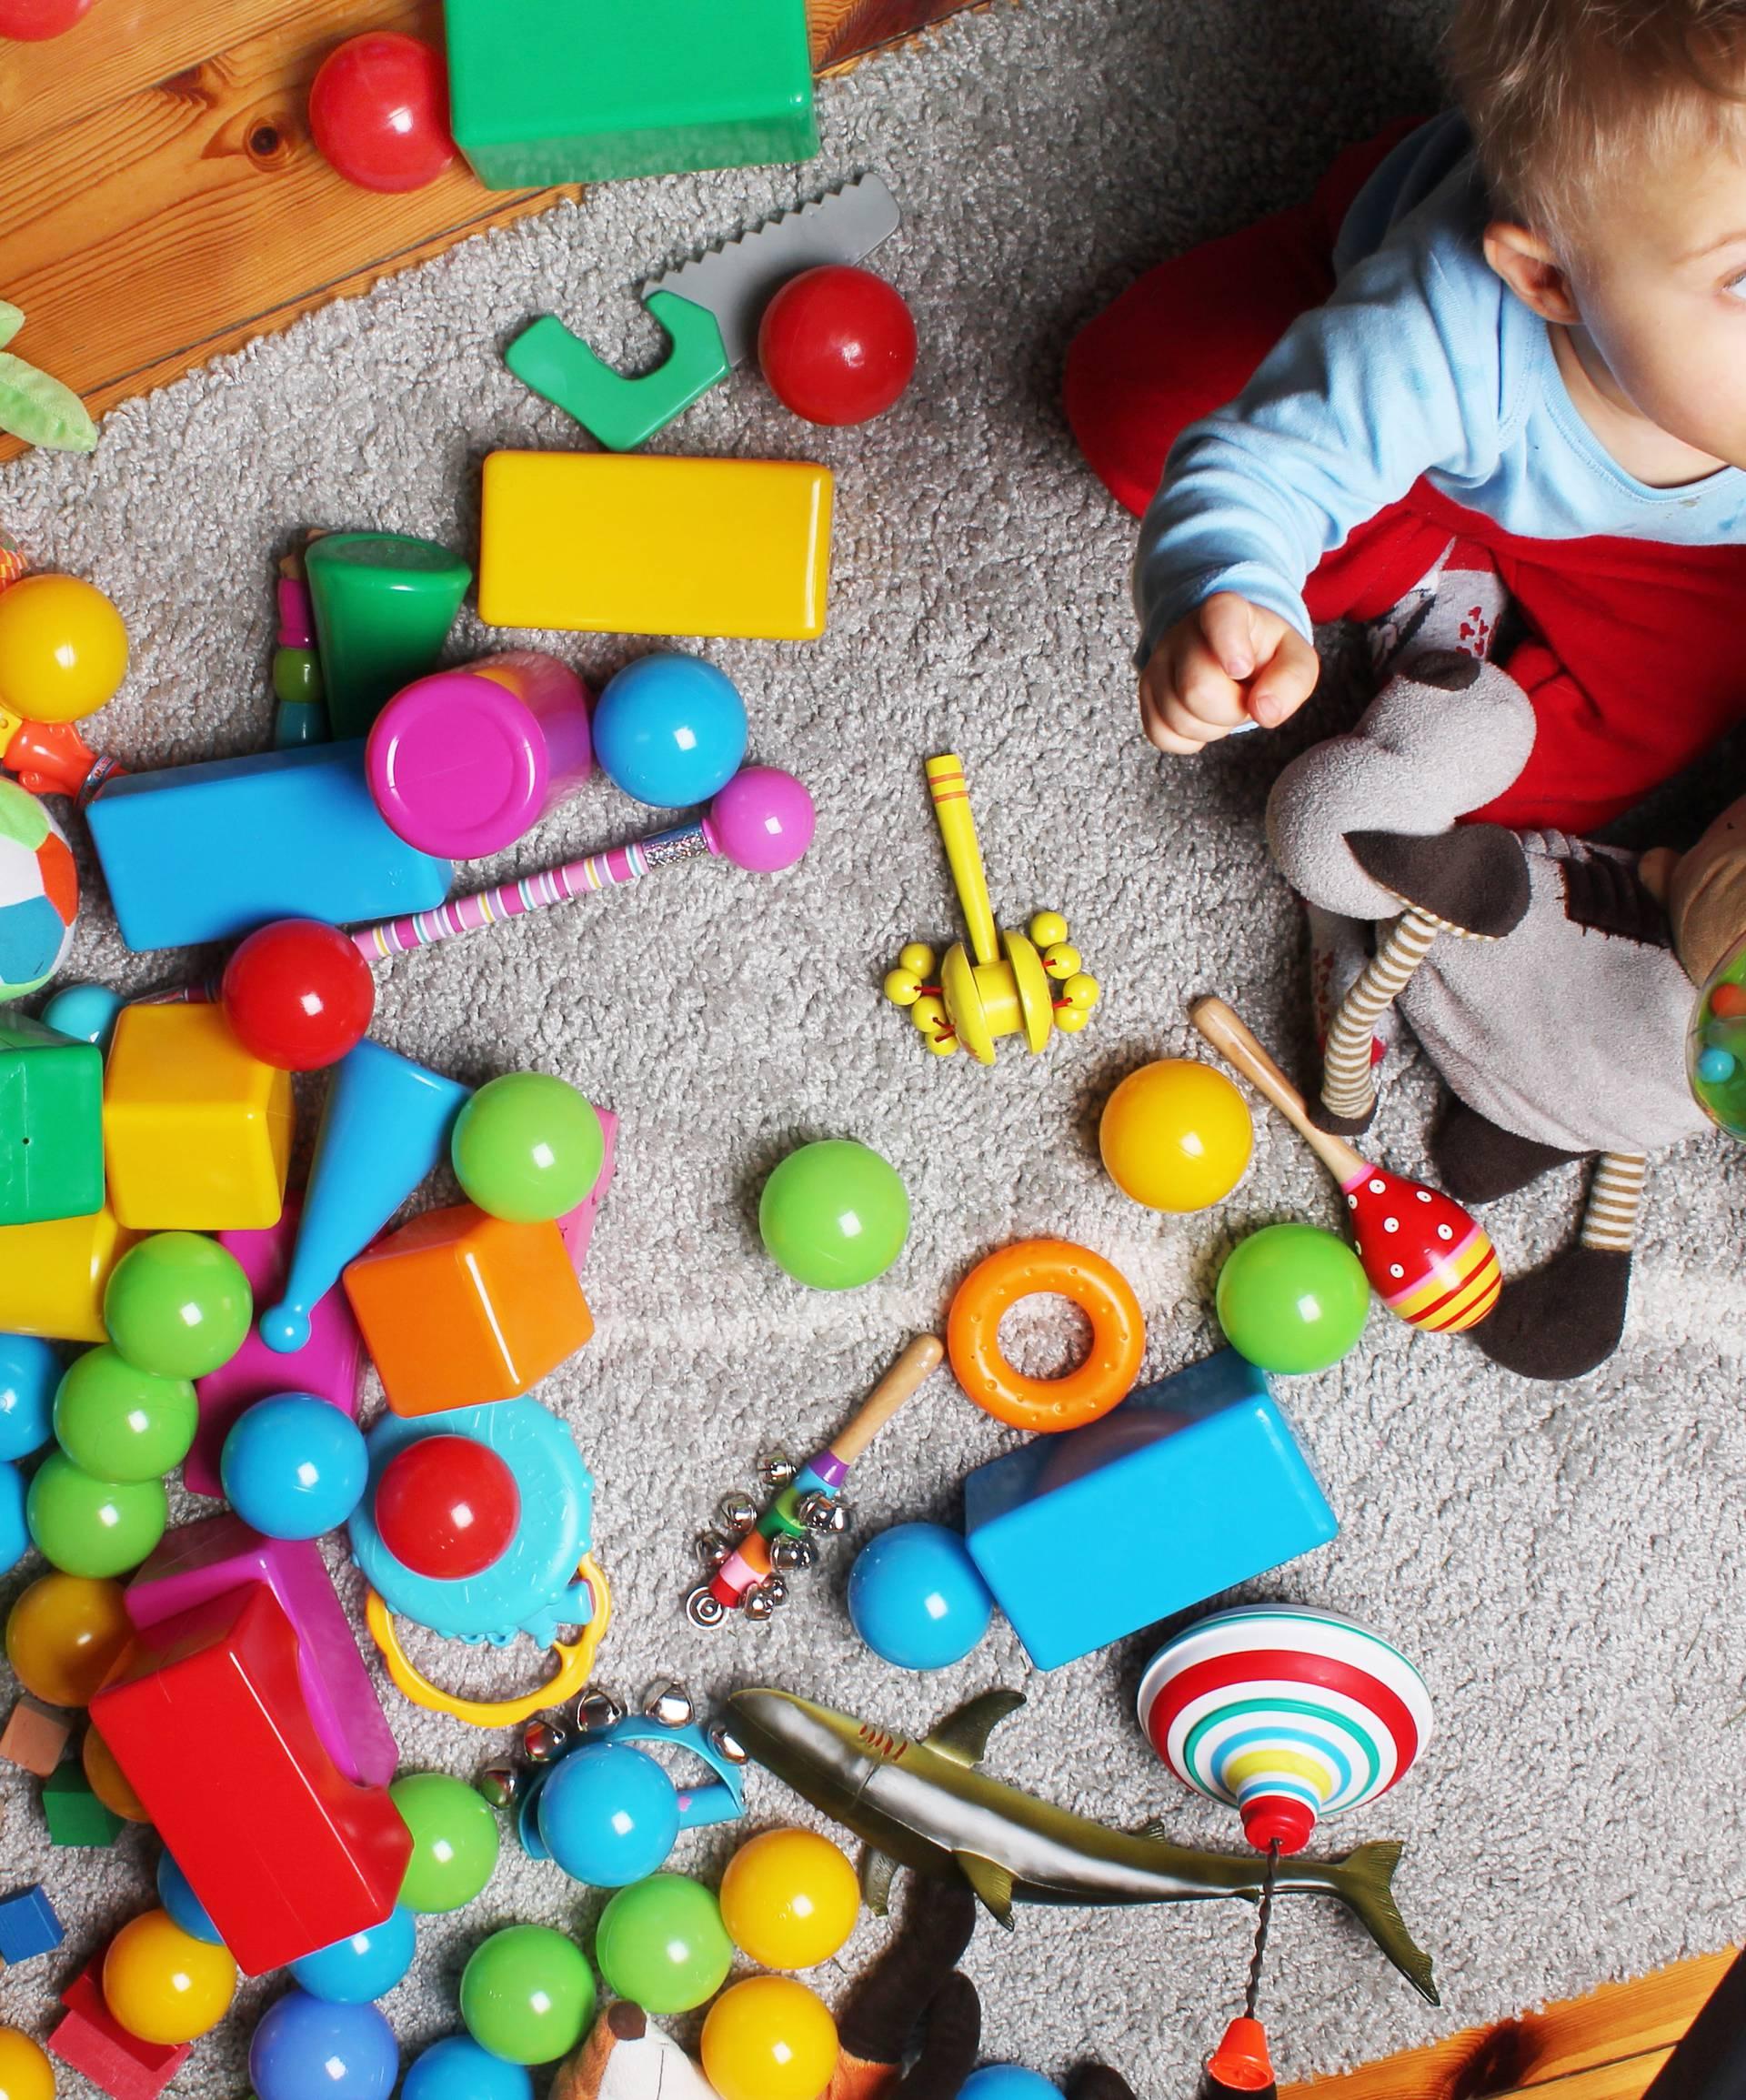 Riješite se dječjih igračaka koje ne koriste i nabavite im nove